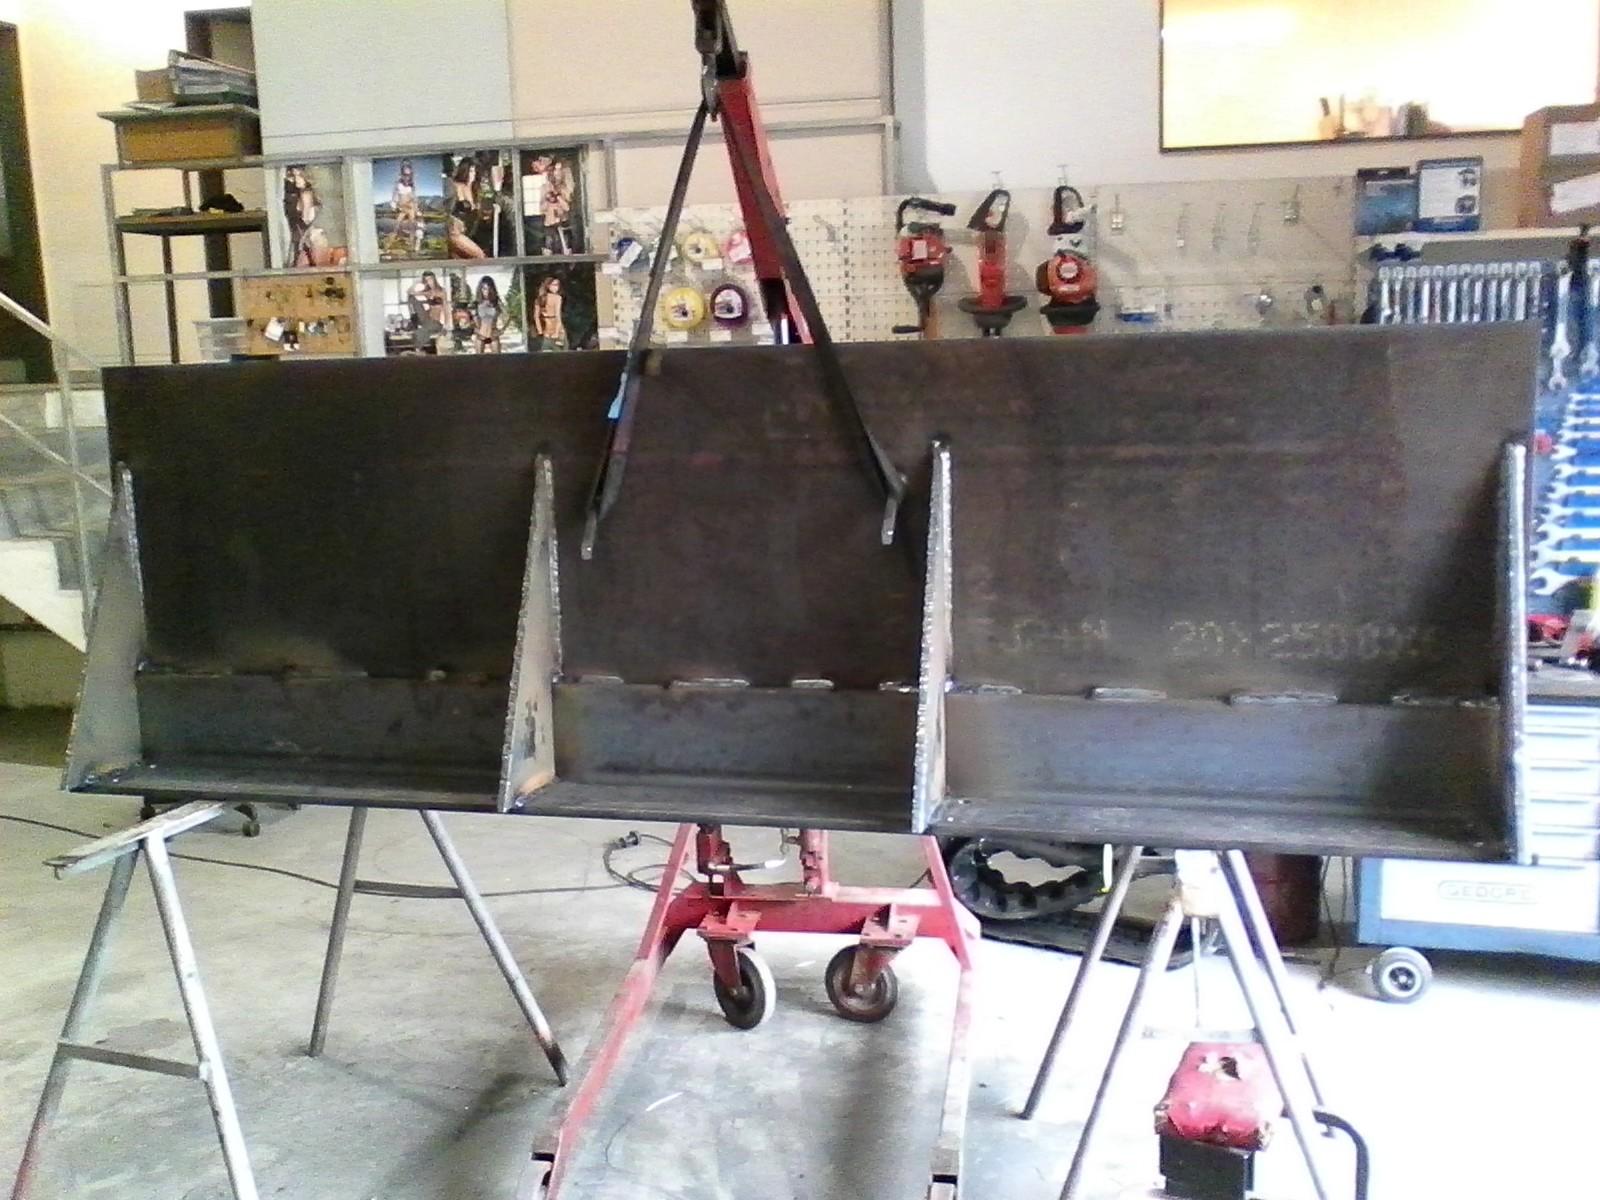 Gewicht alles zusammen ca. 2.5 Tonnen Stahl.